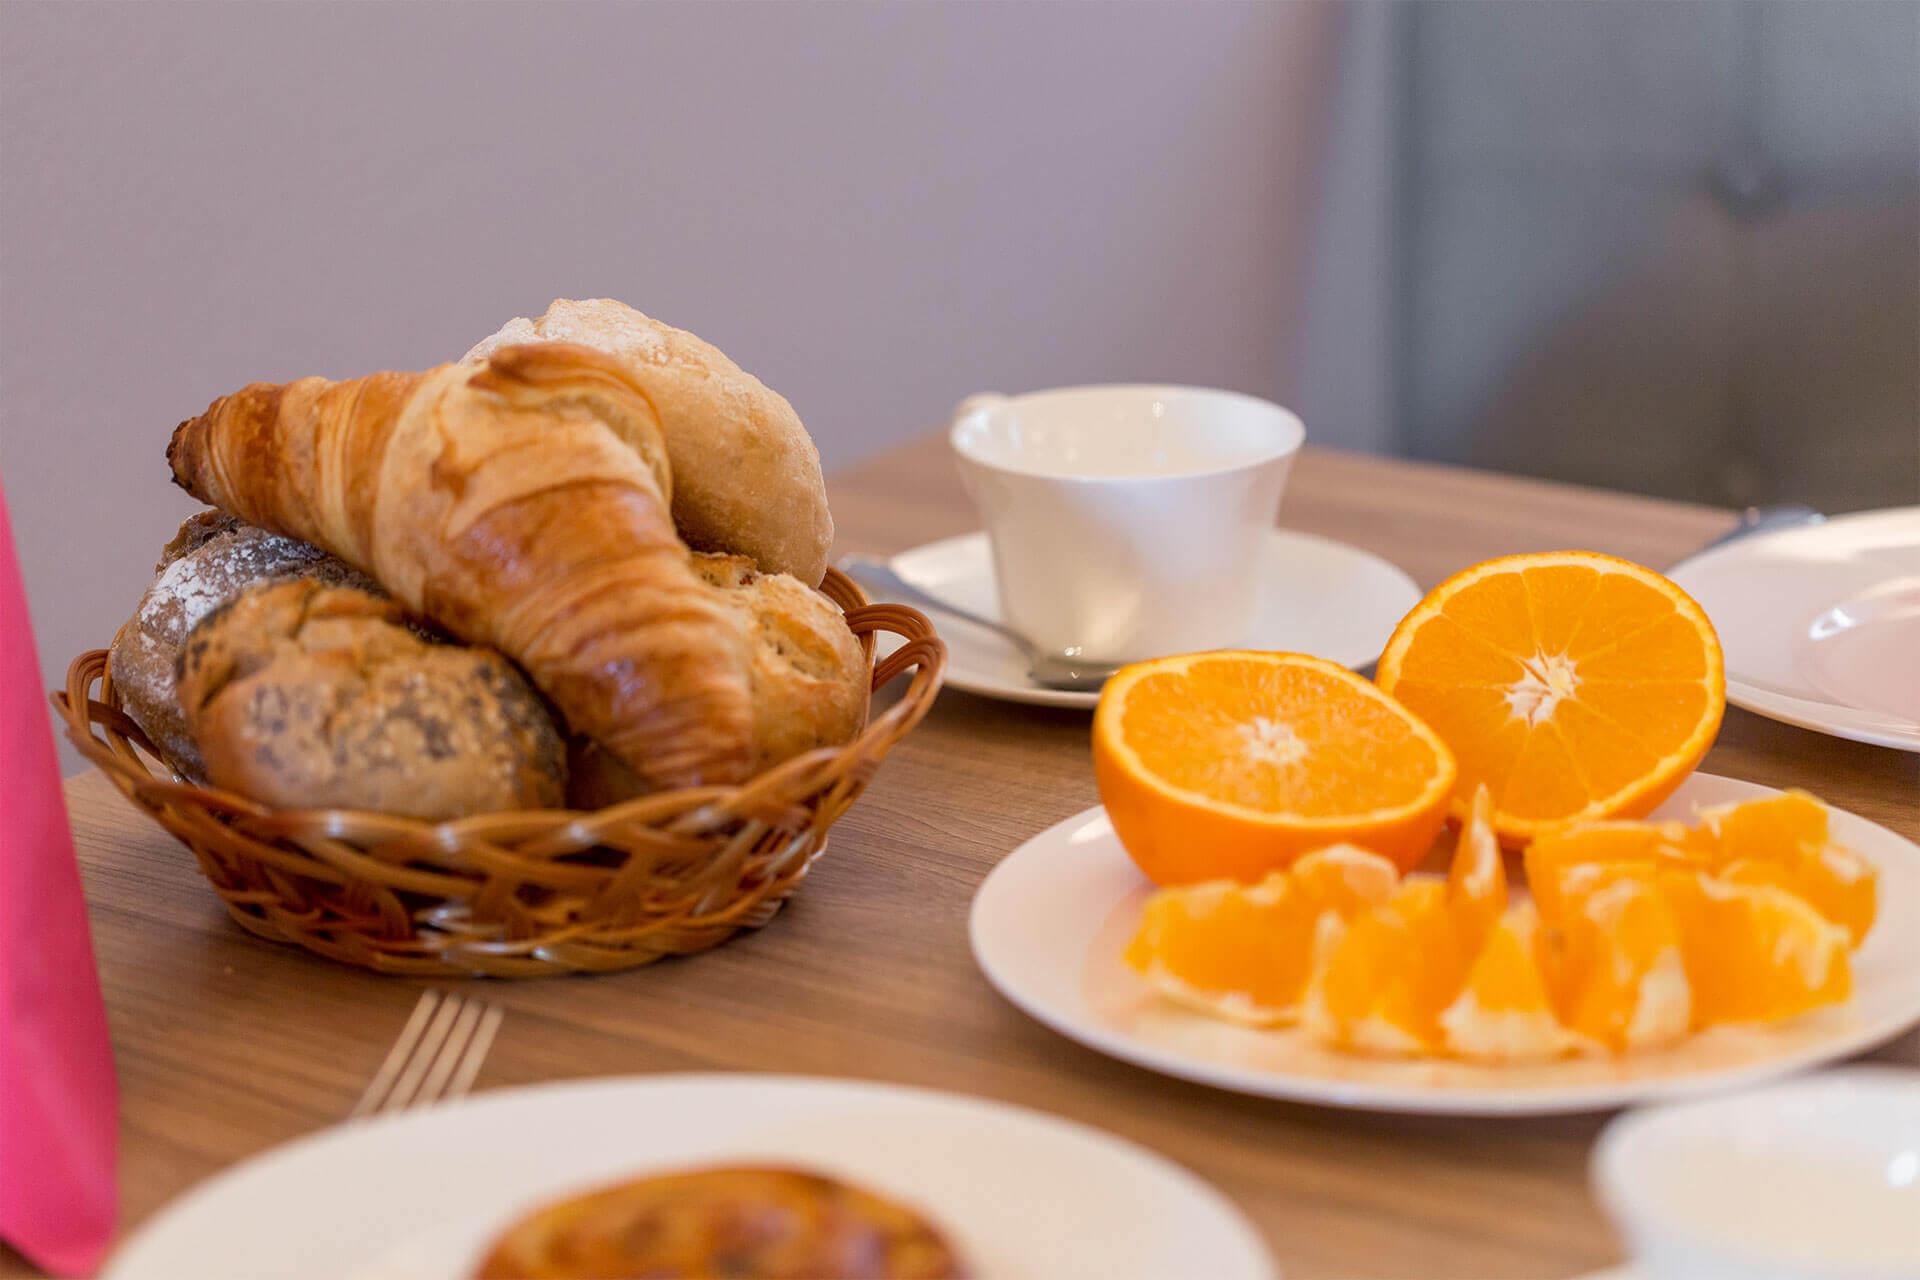 Frühstück im Reiterhotel mit ofenfrischen Brötchen vom Brötchenservice und Rosenthal Porzellan